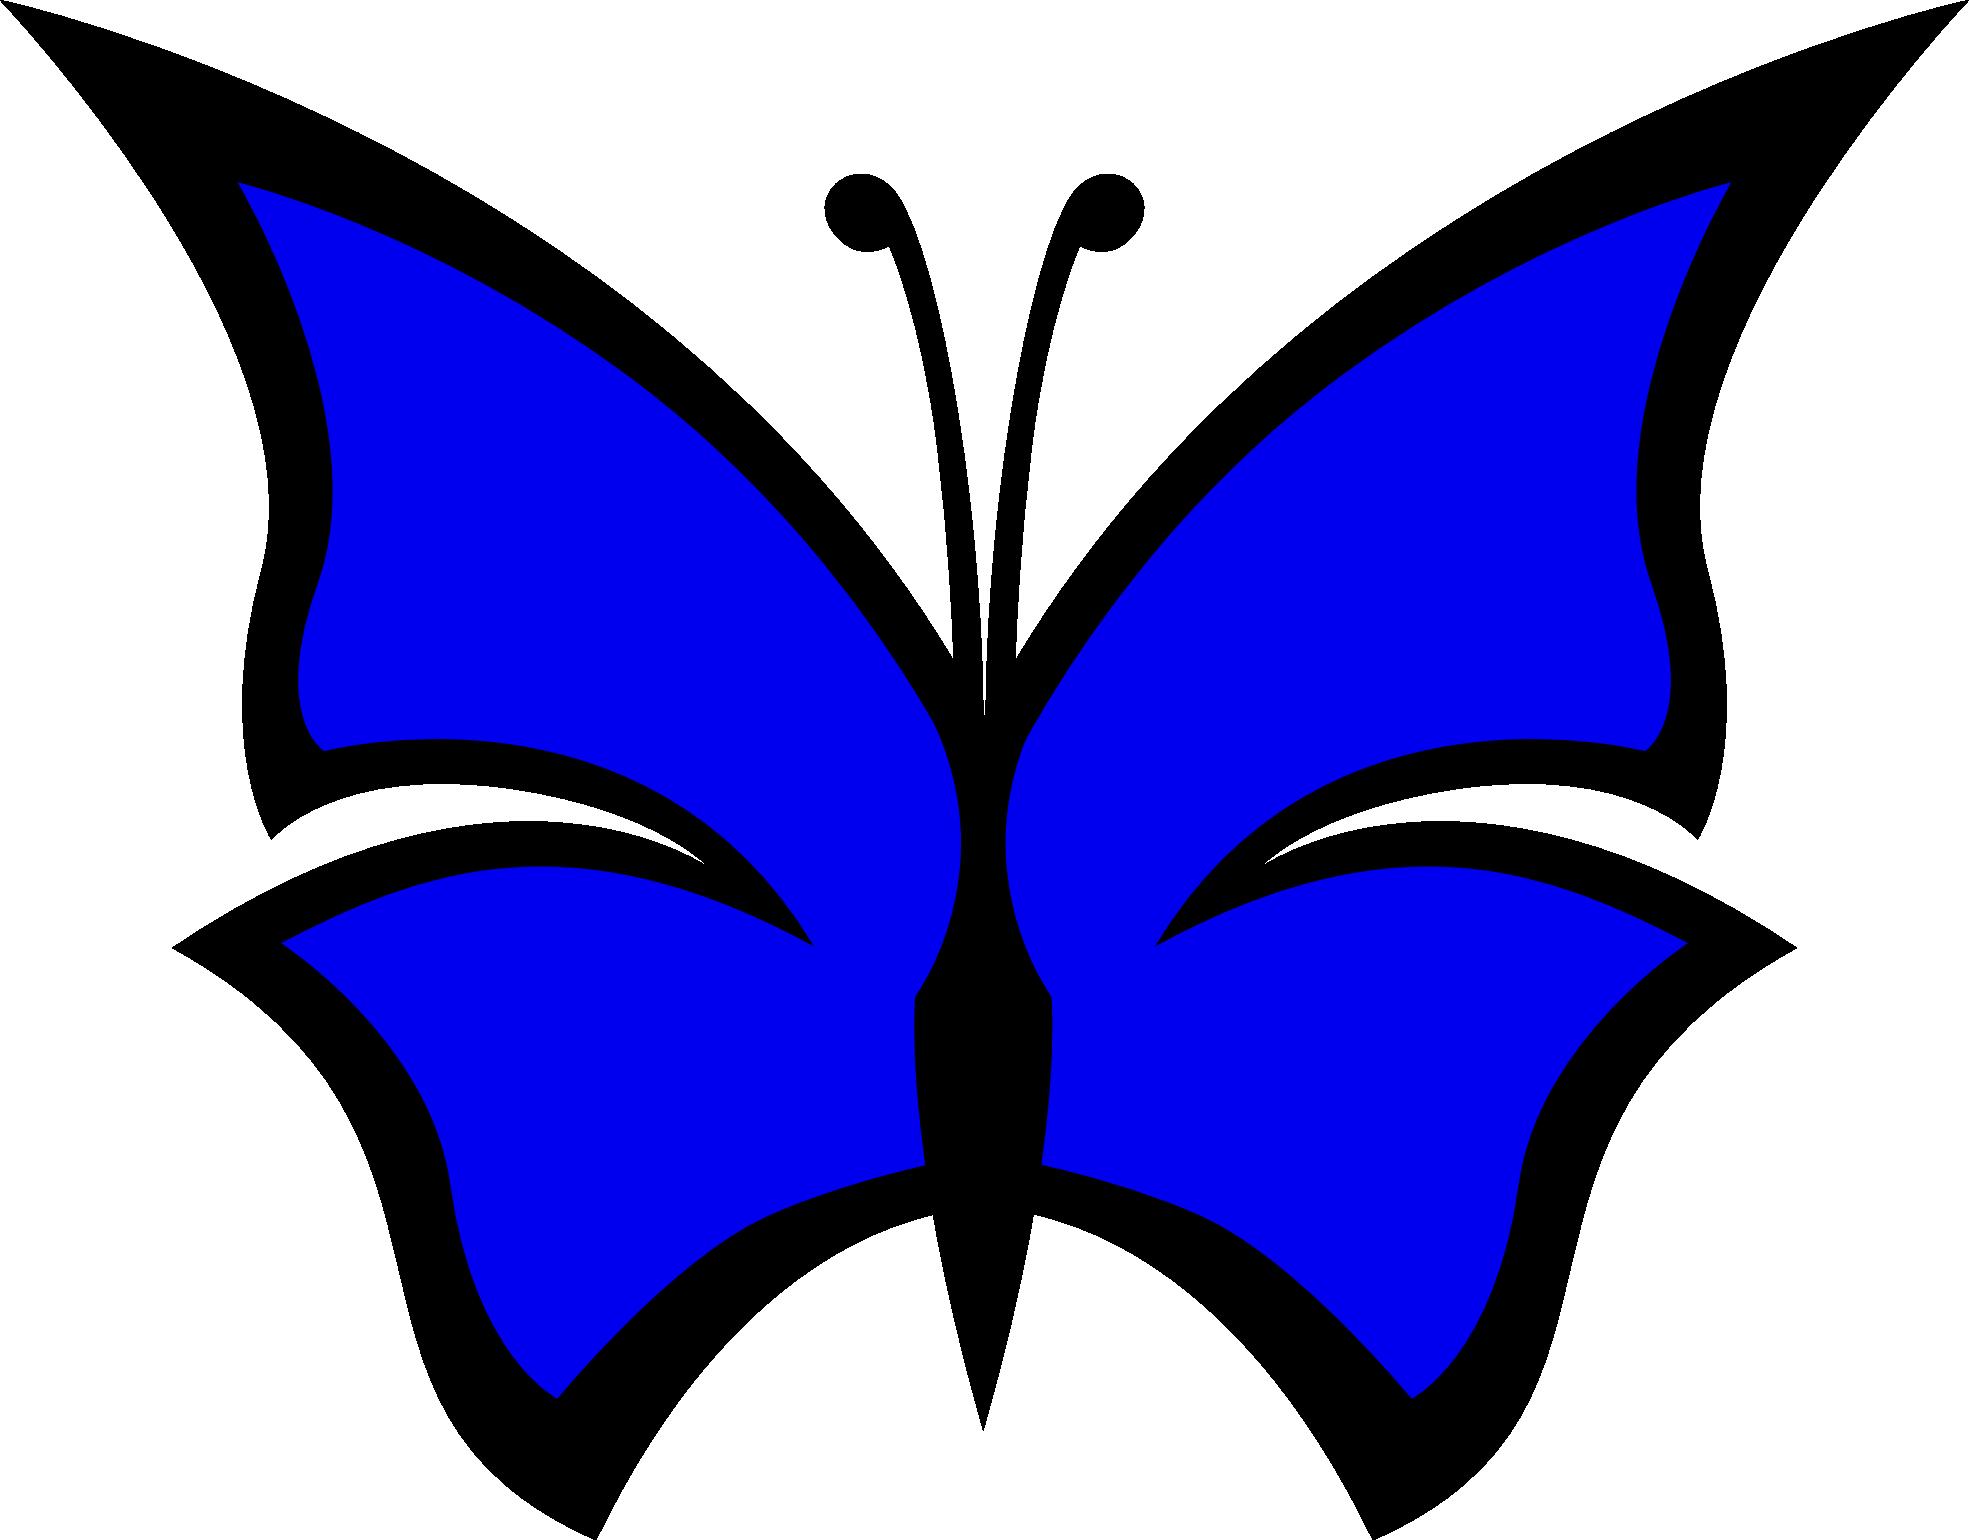 Light Blue clipart blue color Clipart Clipart Light Images Blue